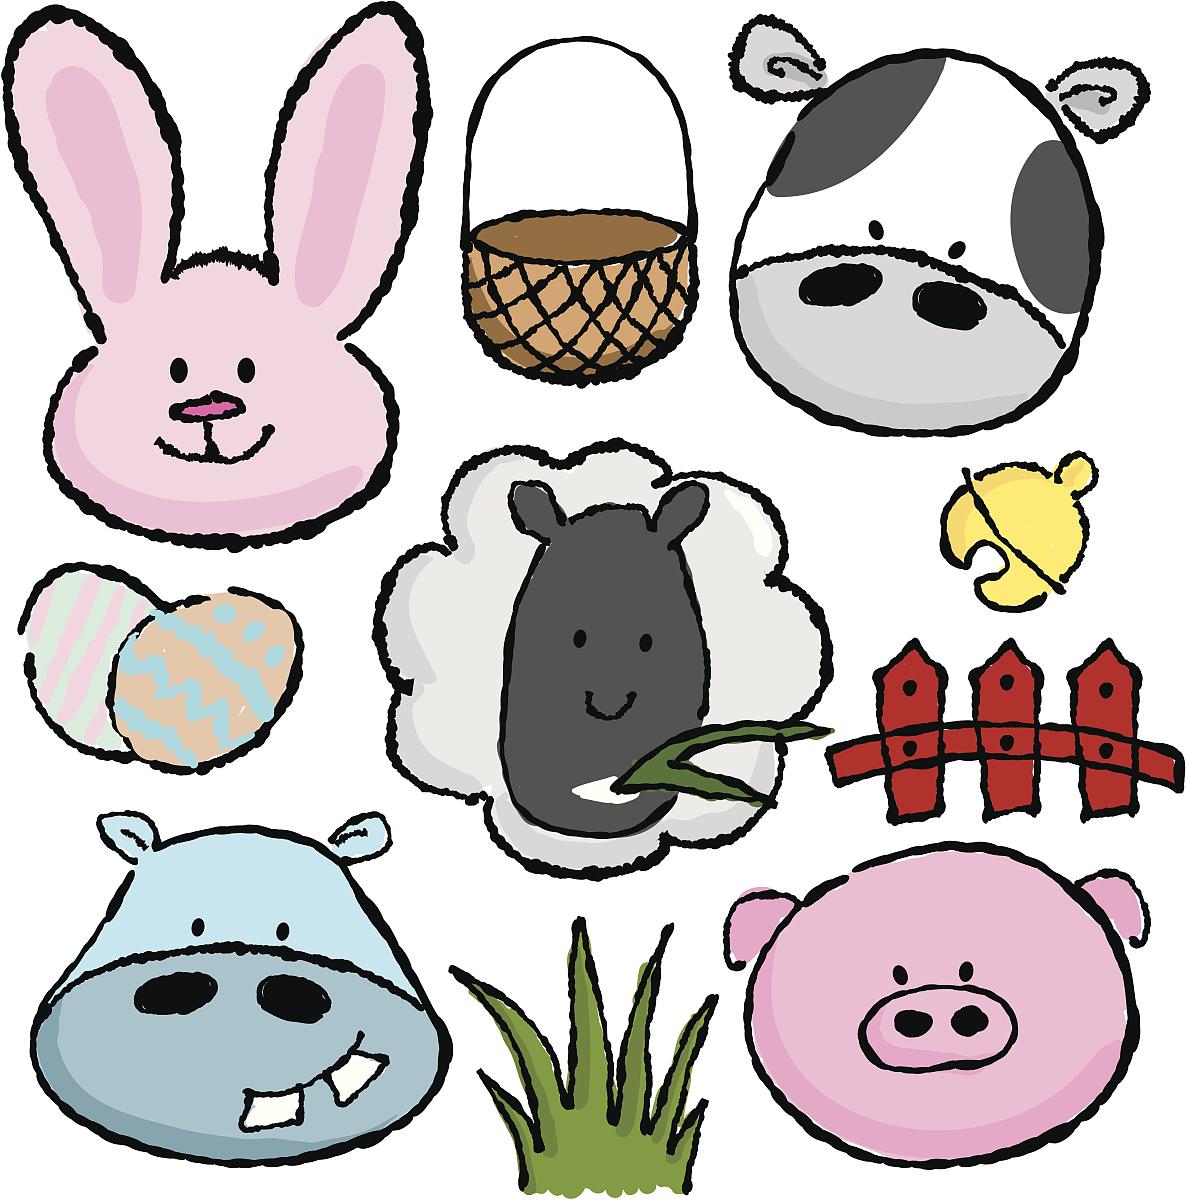 动物,新生动物,卵,铃,复活节,绵羊,猪,河马,计算机图标,计算机图形学图片